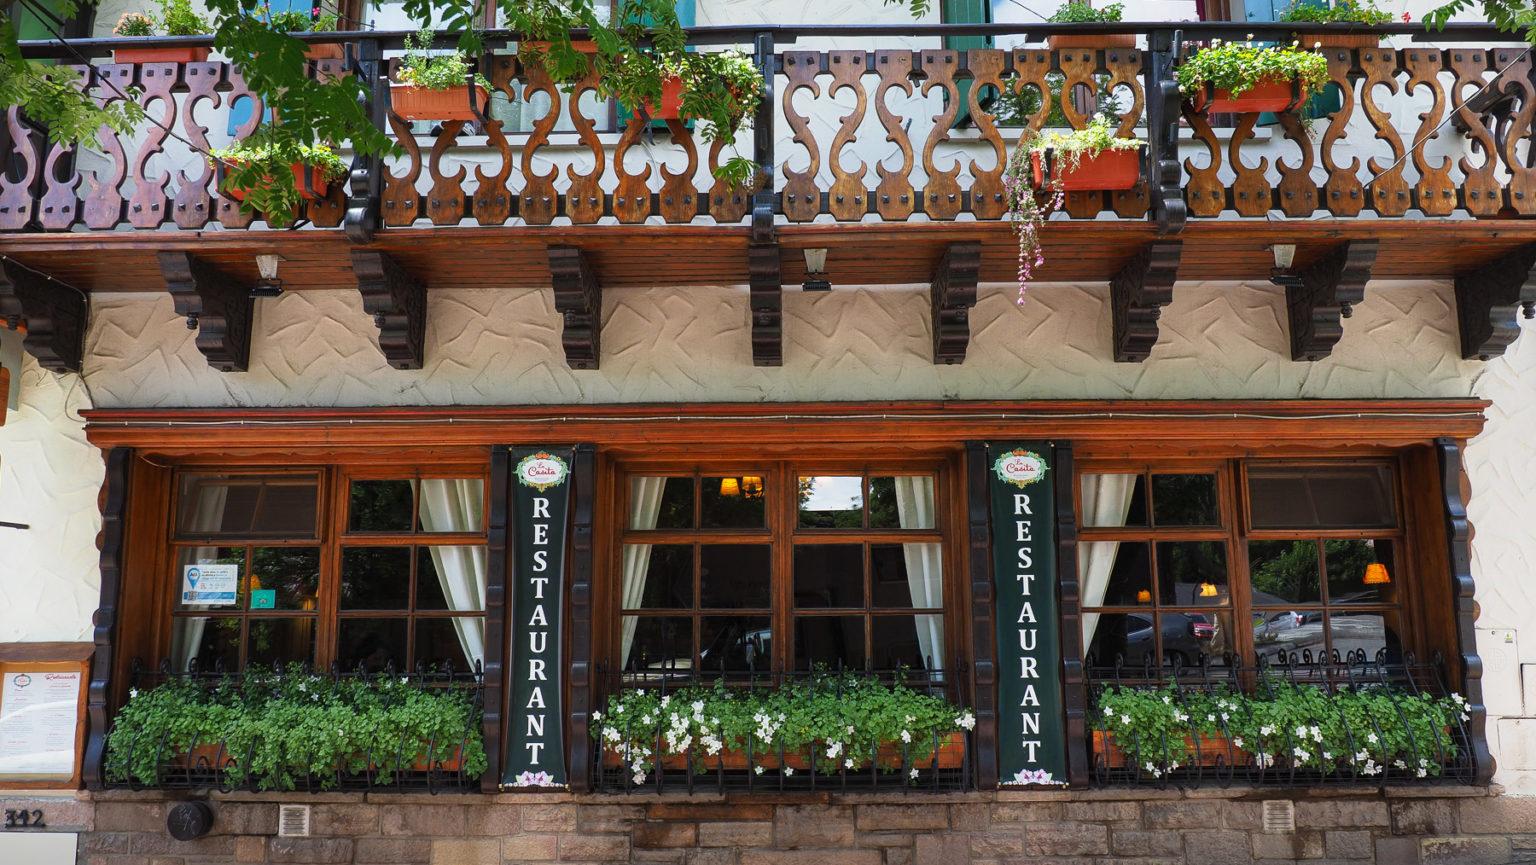 Alpenländischer Stil in Bariloche